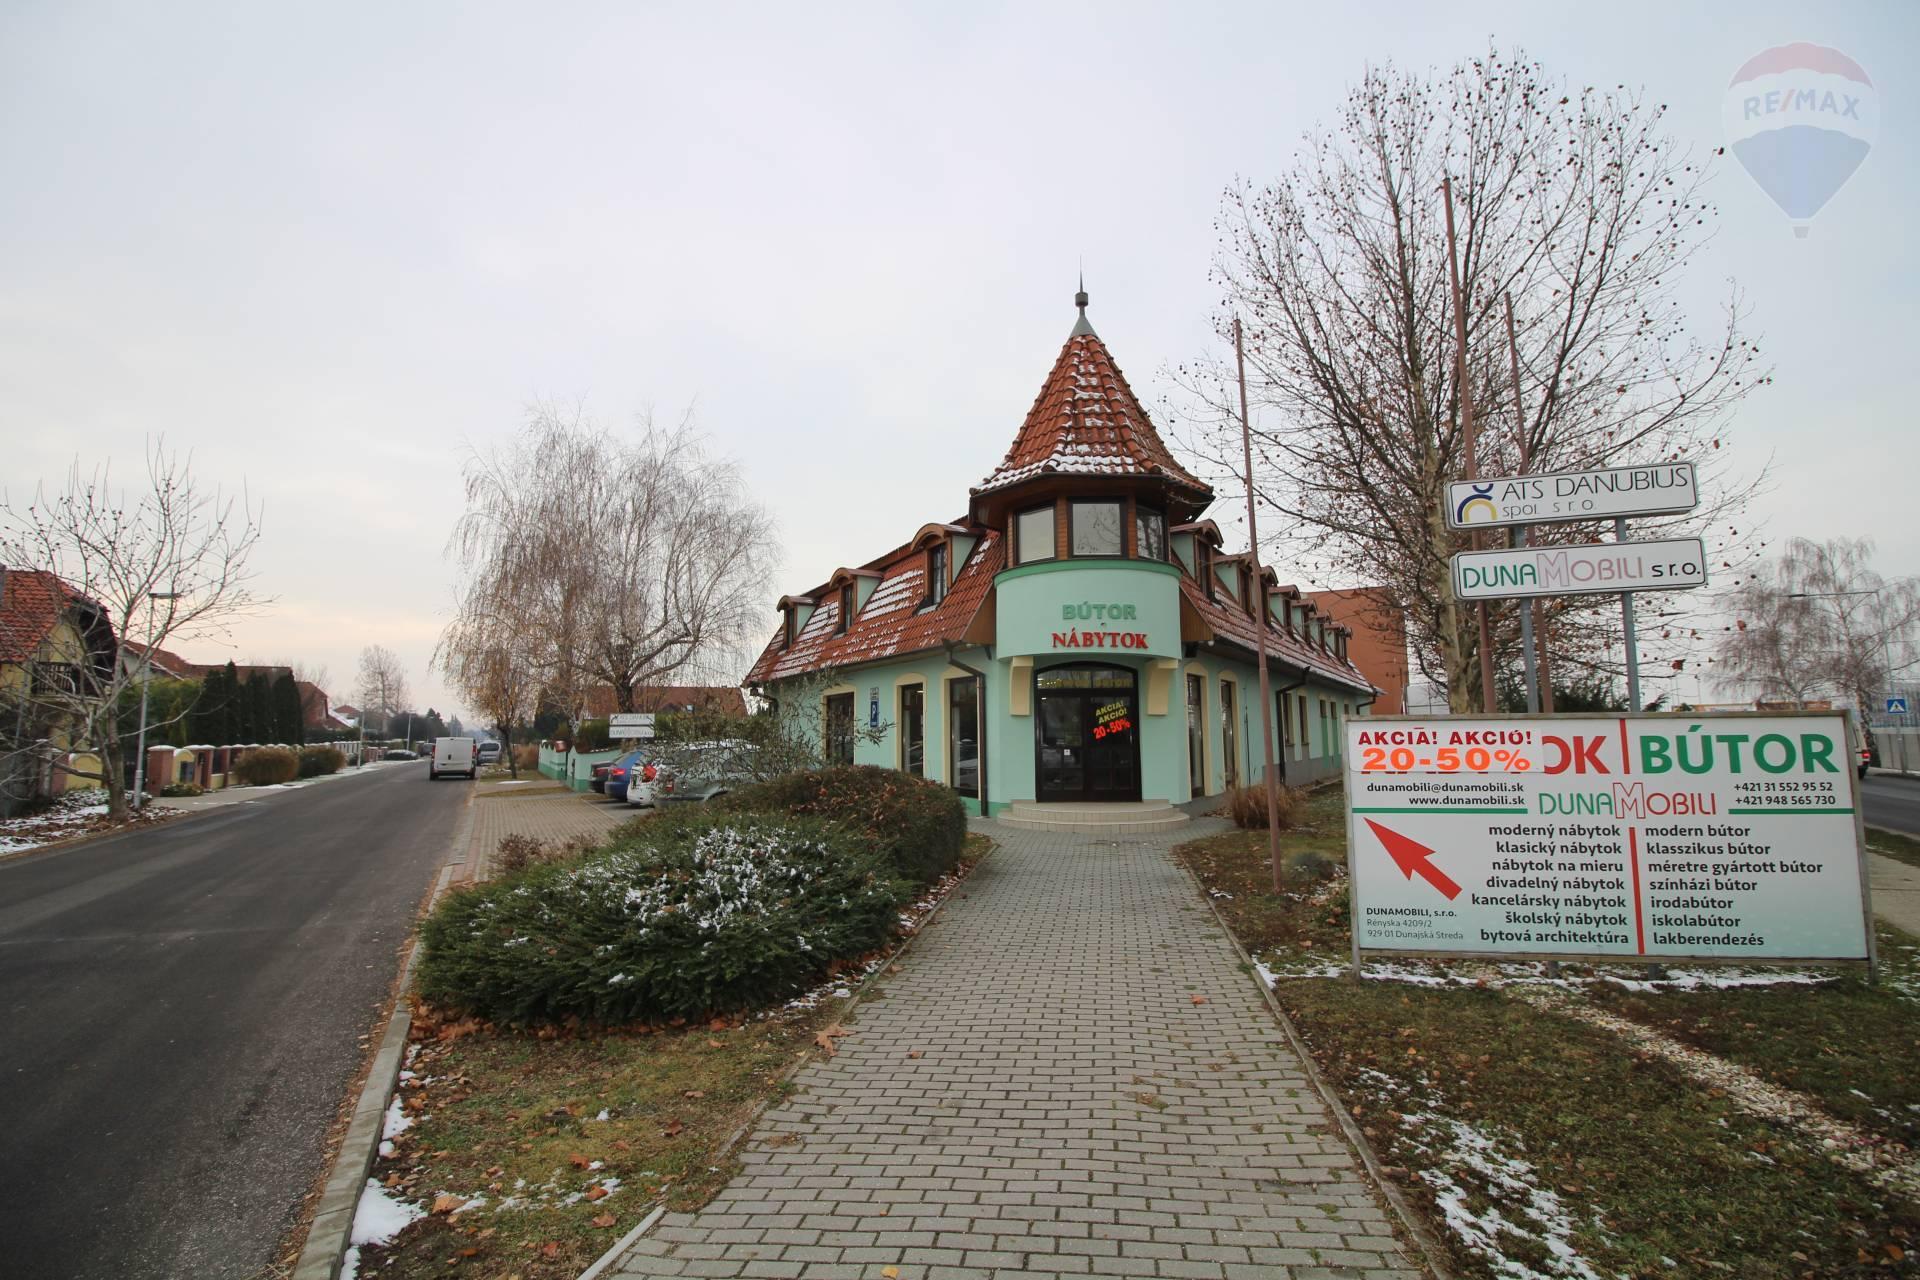 Prenájom: Komerčný priestor, Dunajská Streda